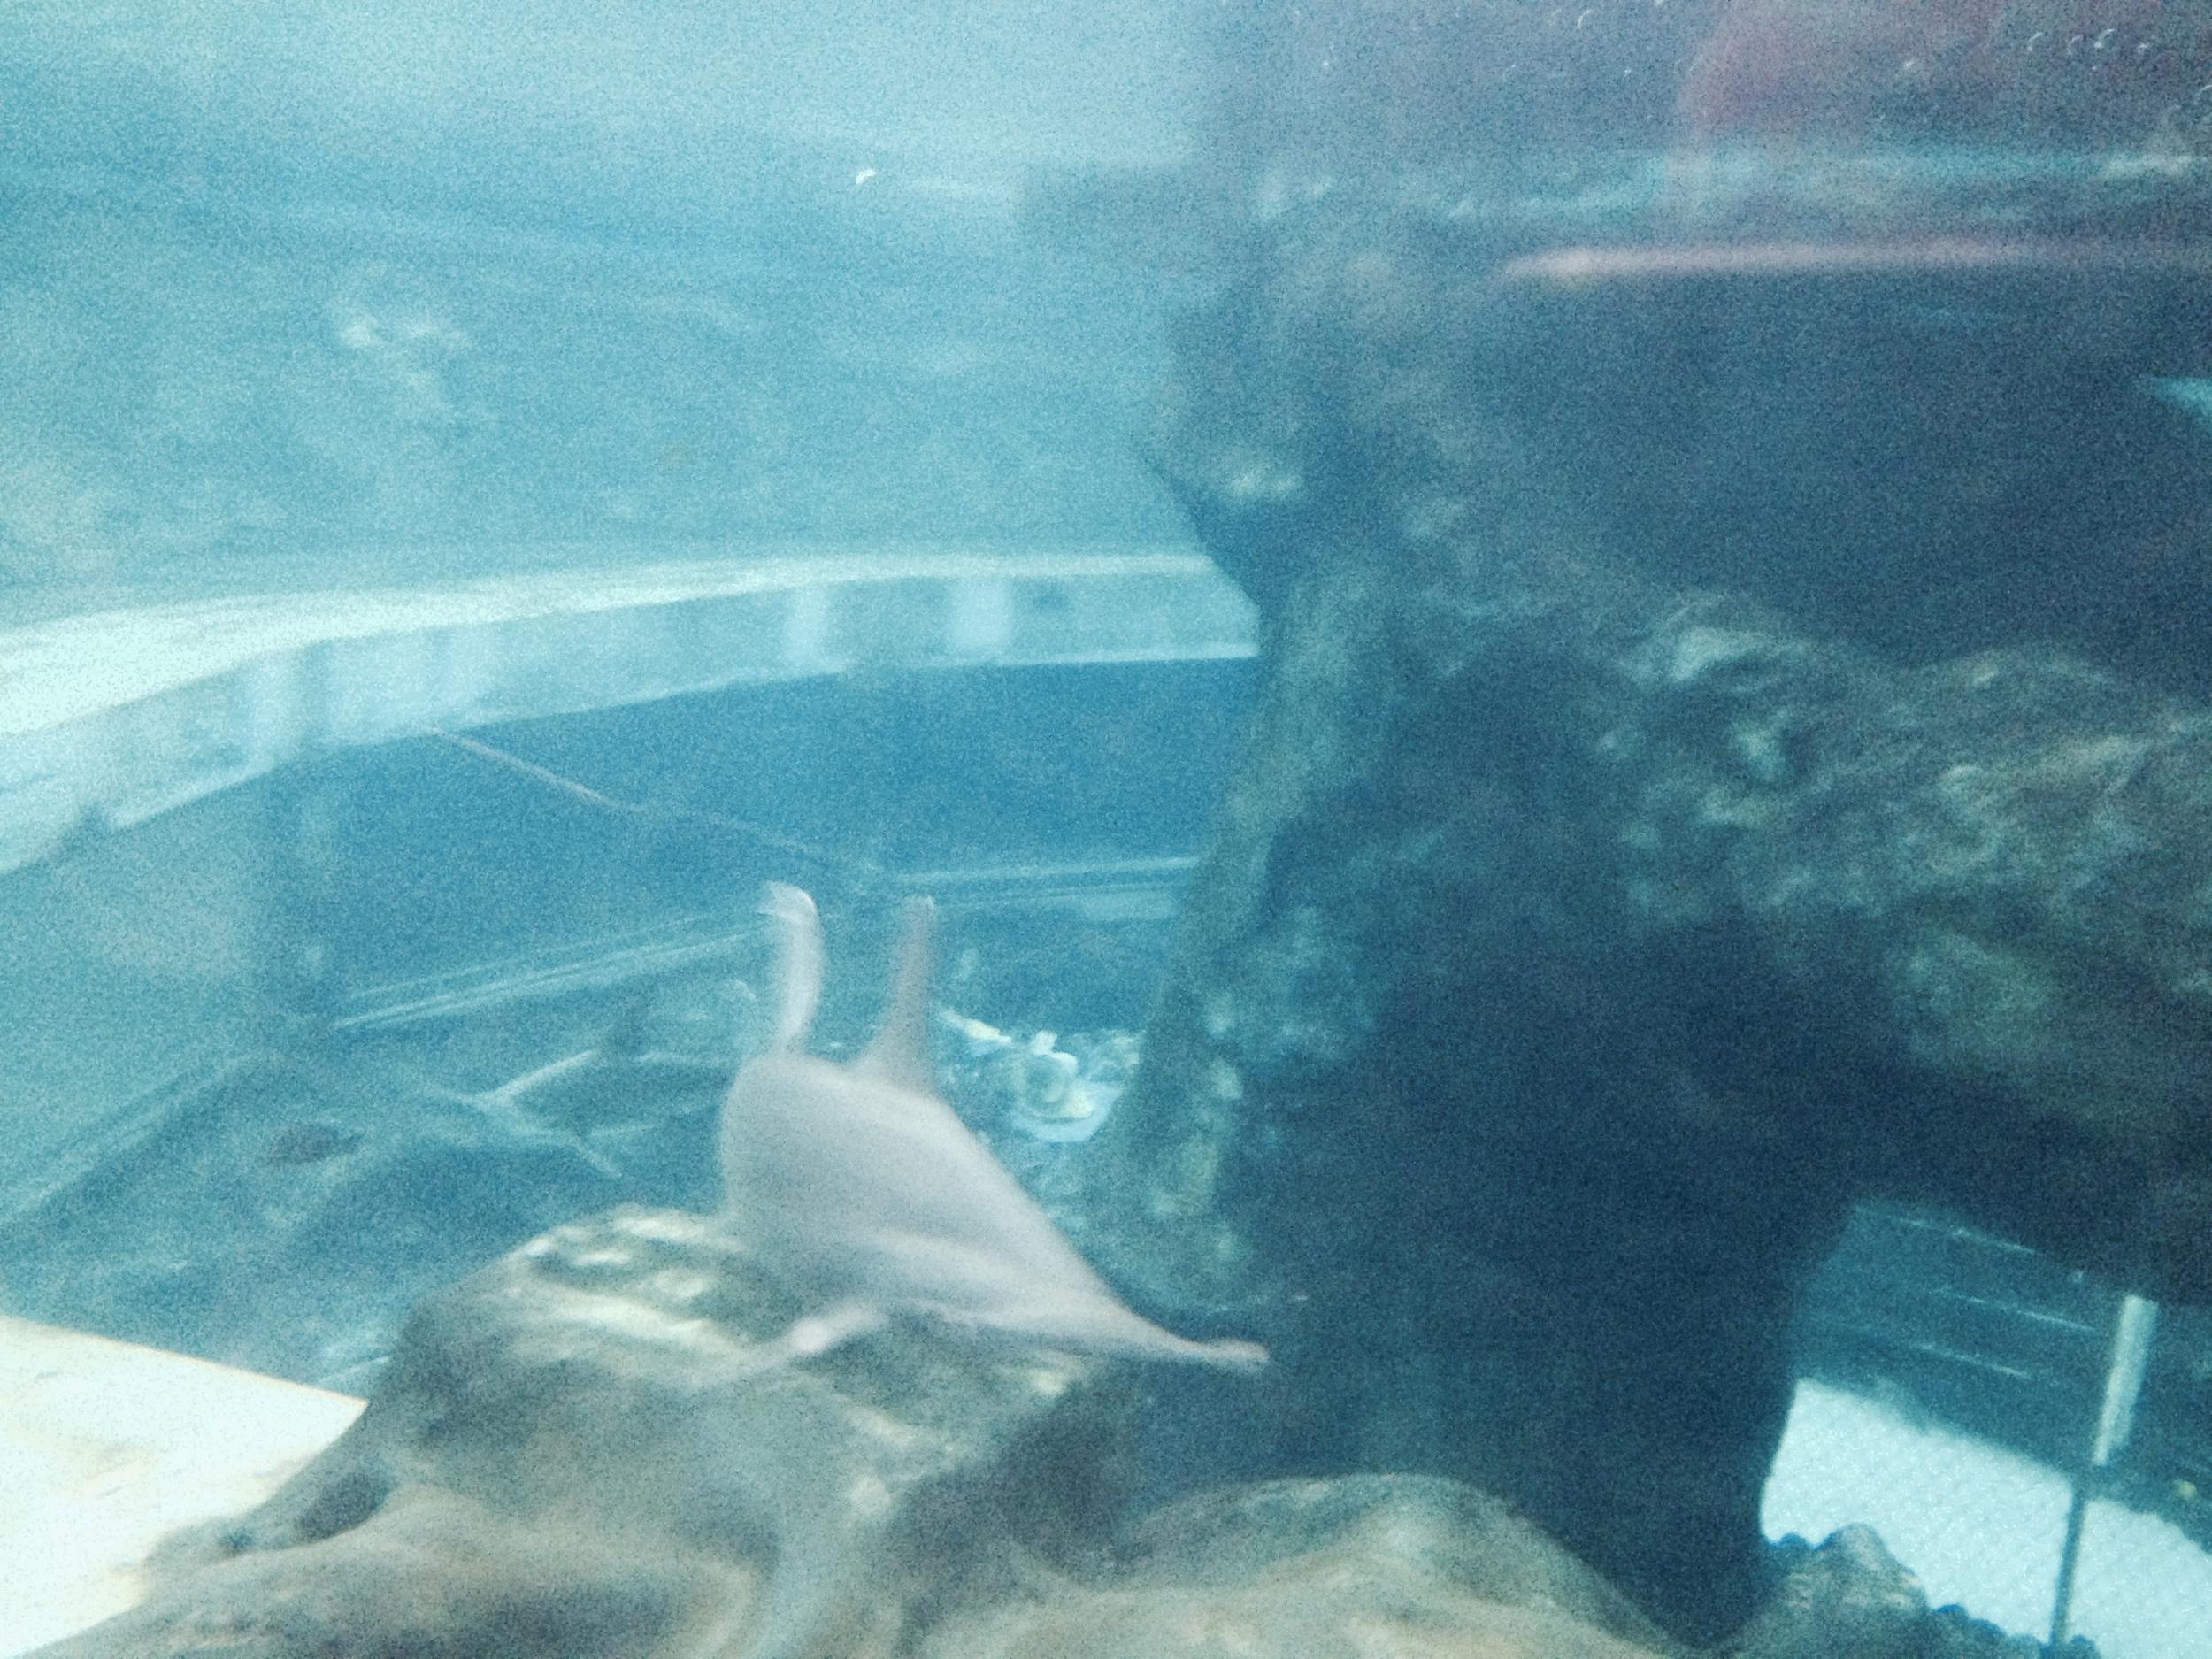 sea-life-park-shark